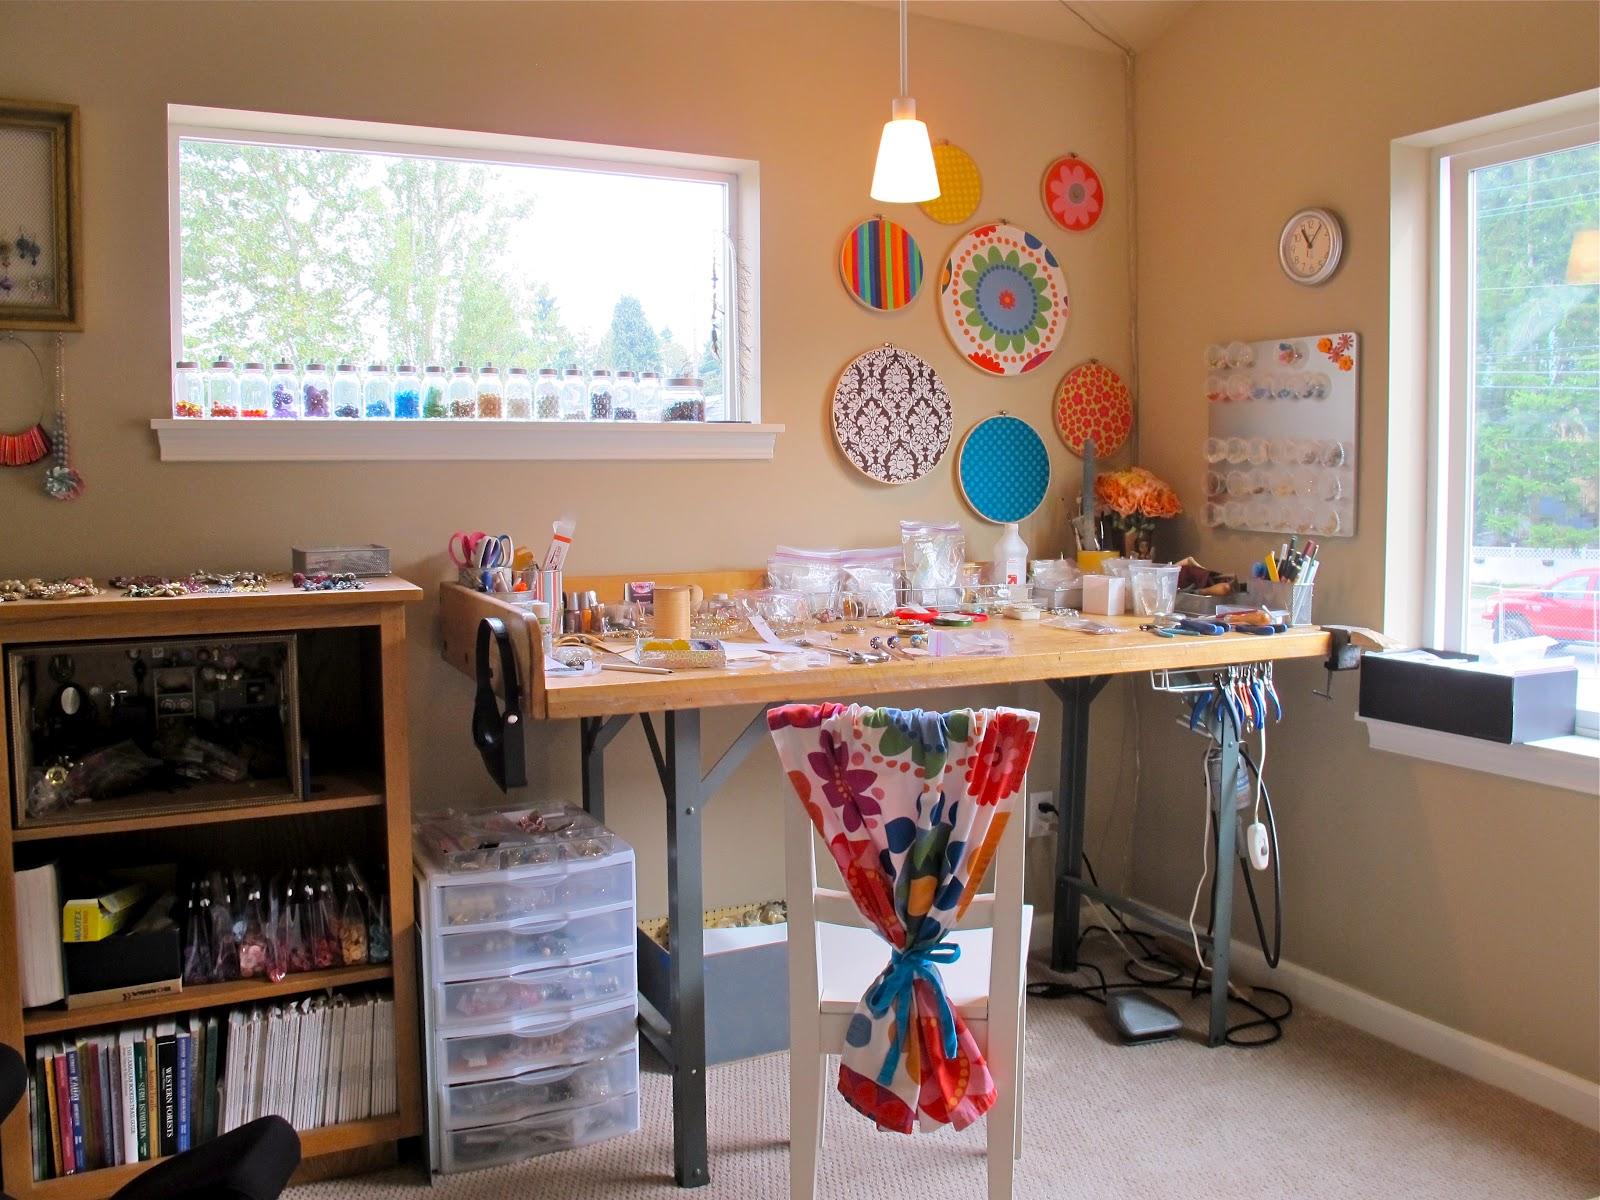 Blukatkraft bead storage craft room ideas for Crafty bedroom ideas